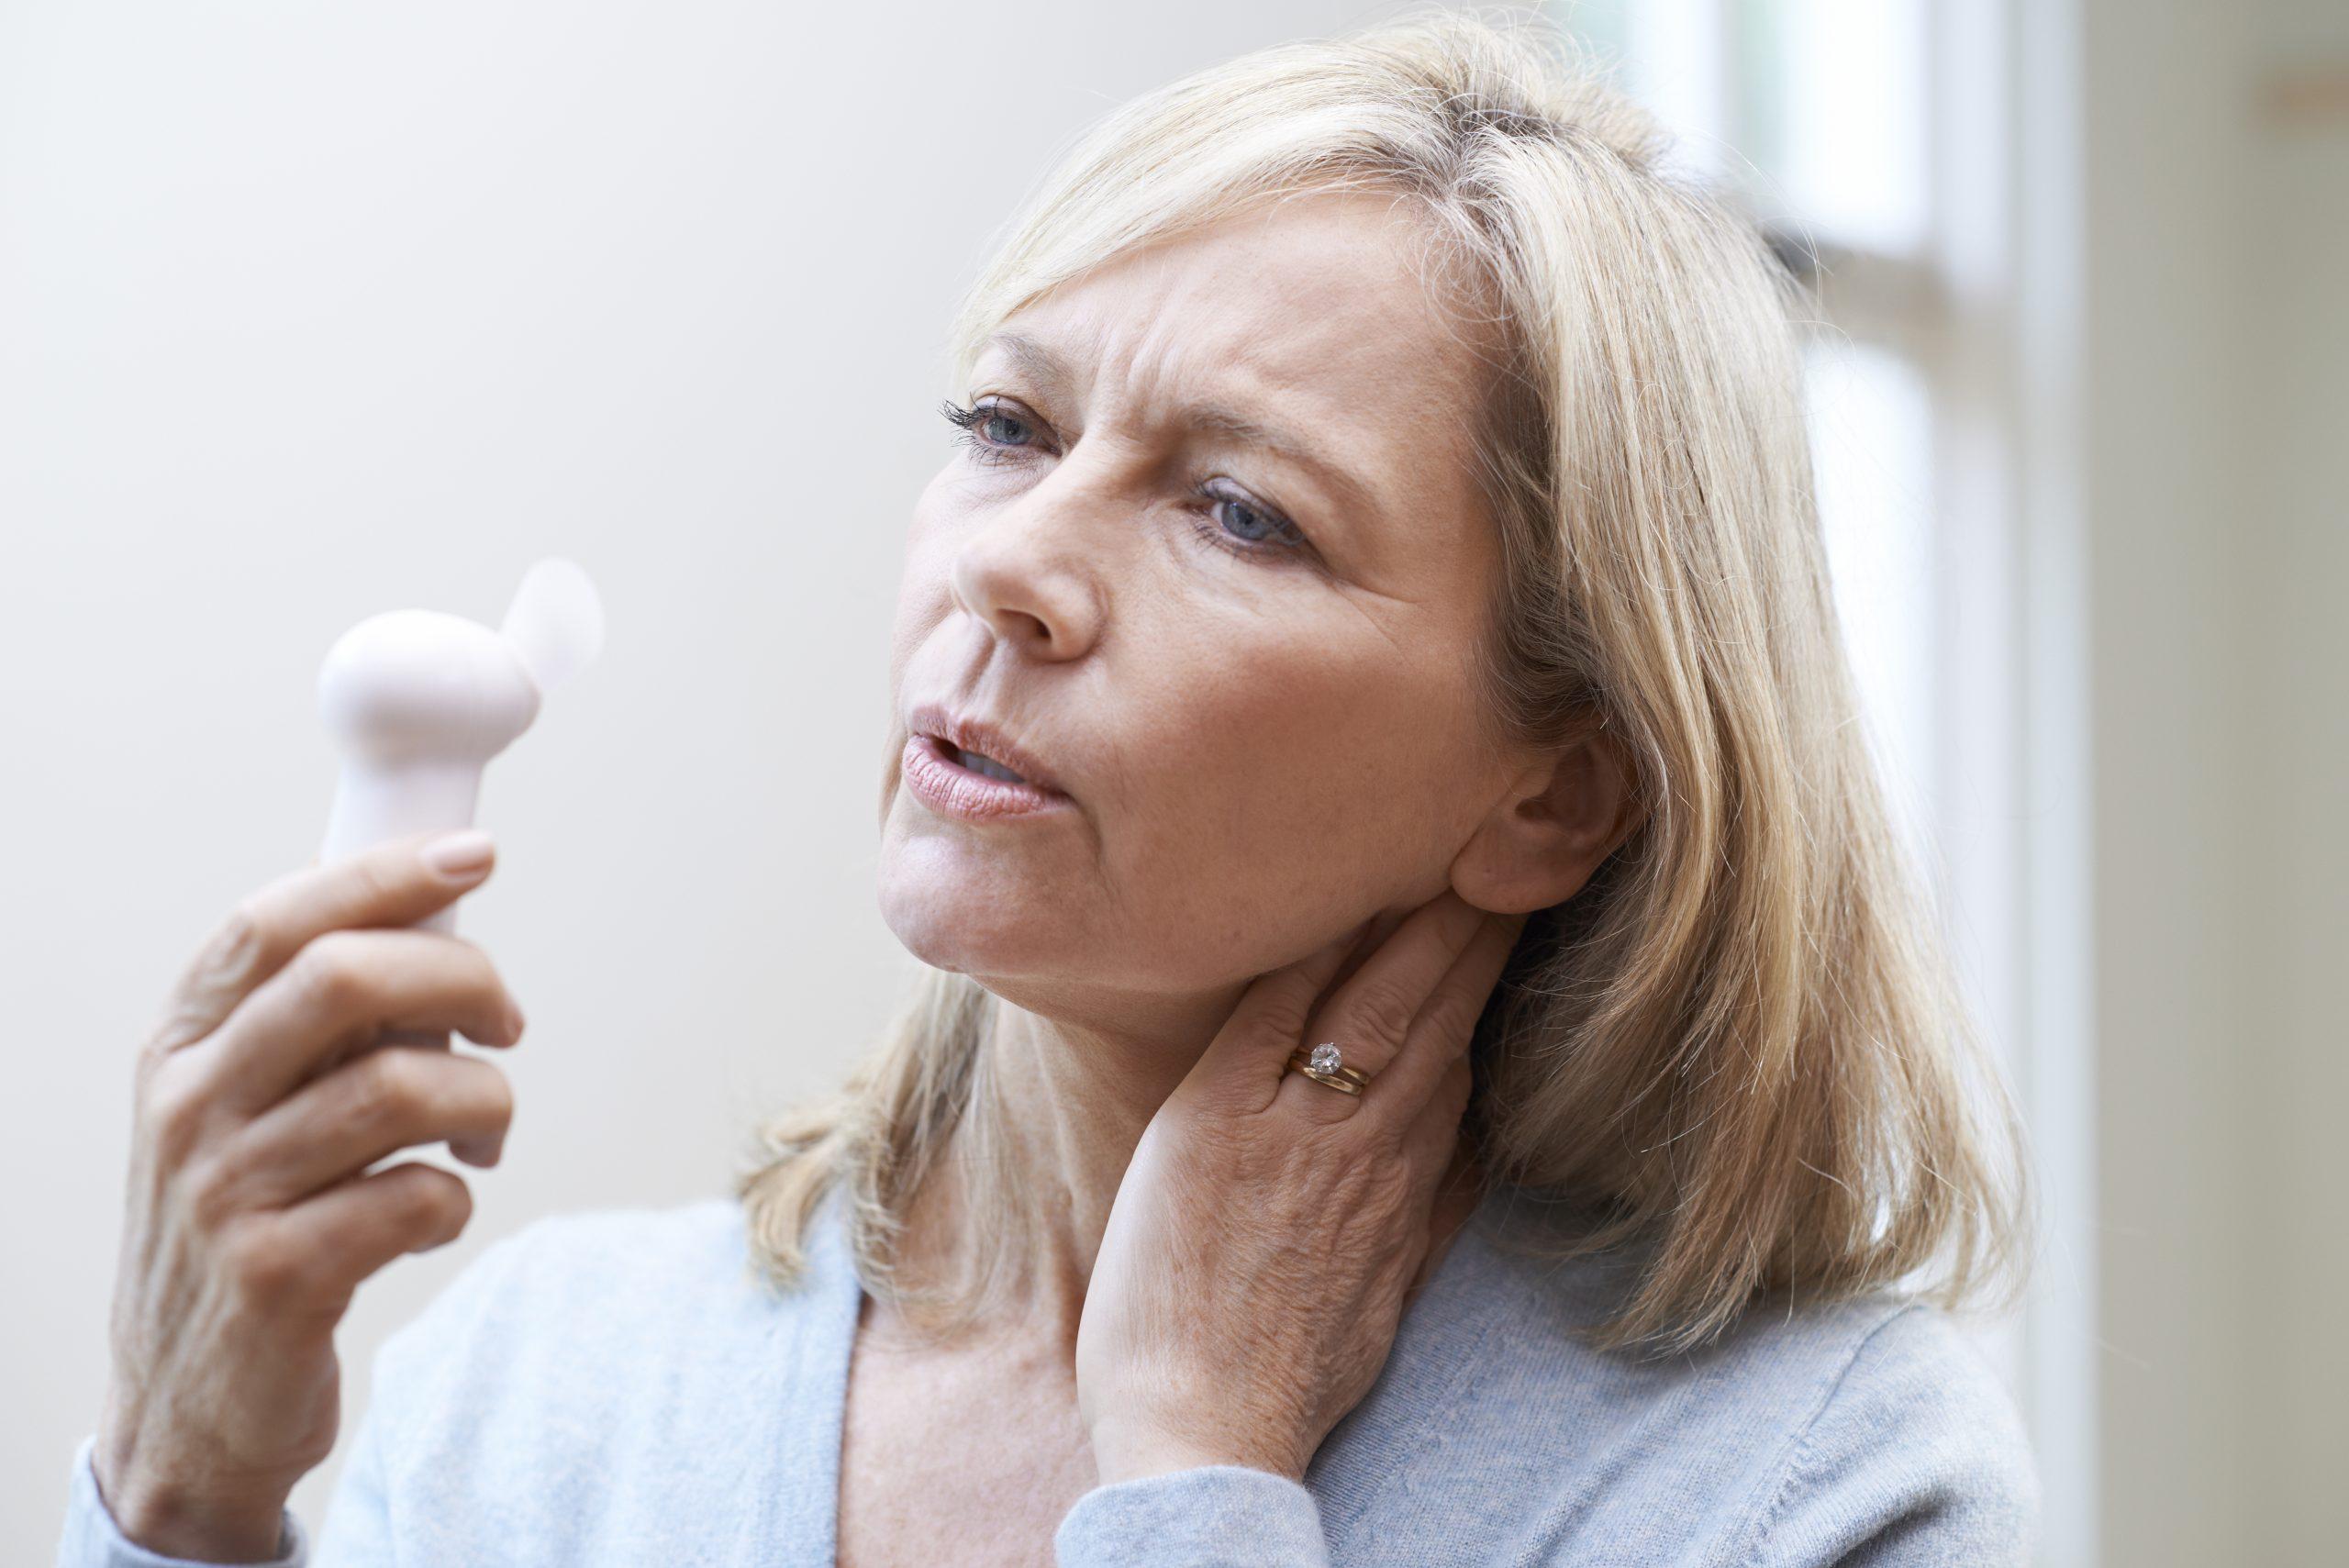 medical herbalist reveals three herbs for menopause symptoms